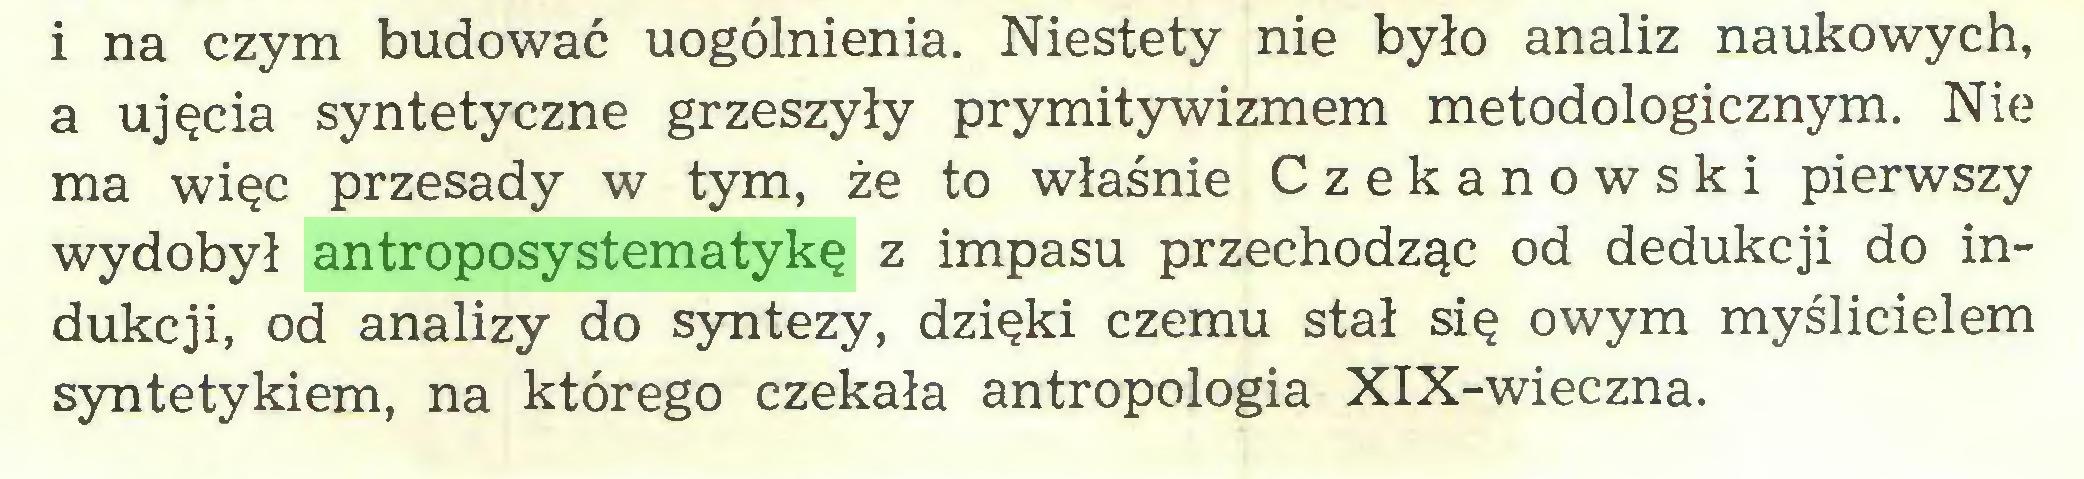 (...) i na czym budować uogólnienia. Niestety nie było analiz naukowych, a ujęcia syntetyczne grzeszyły prymitywizmem metodologicznym. Nie ma więc przesady w tym, że to właśnie Czekanowski pierwszy wydobył antroposystematykę z impasu przechodząc od dedukcji do indukcji, od analizy do syntezy, dzięki czemu stał się owym myślicielem syntetykiem, na którego czekała antropologia XIX-wieczna...